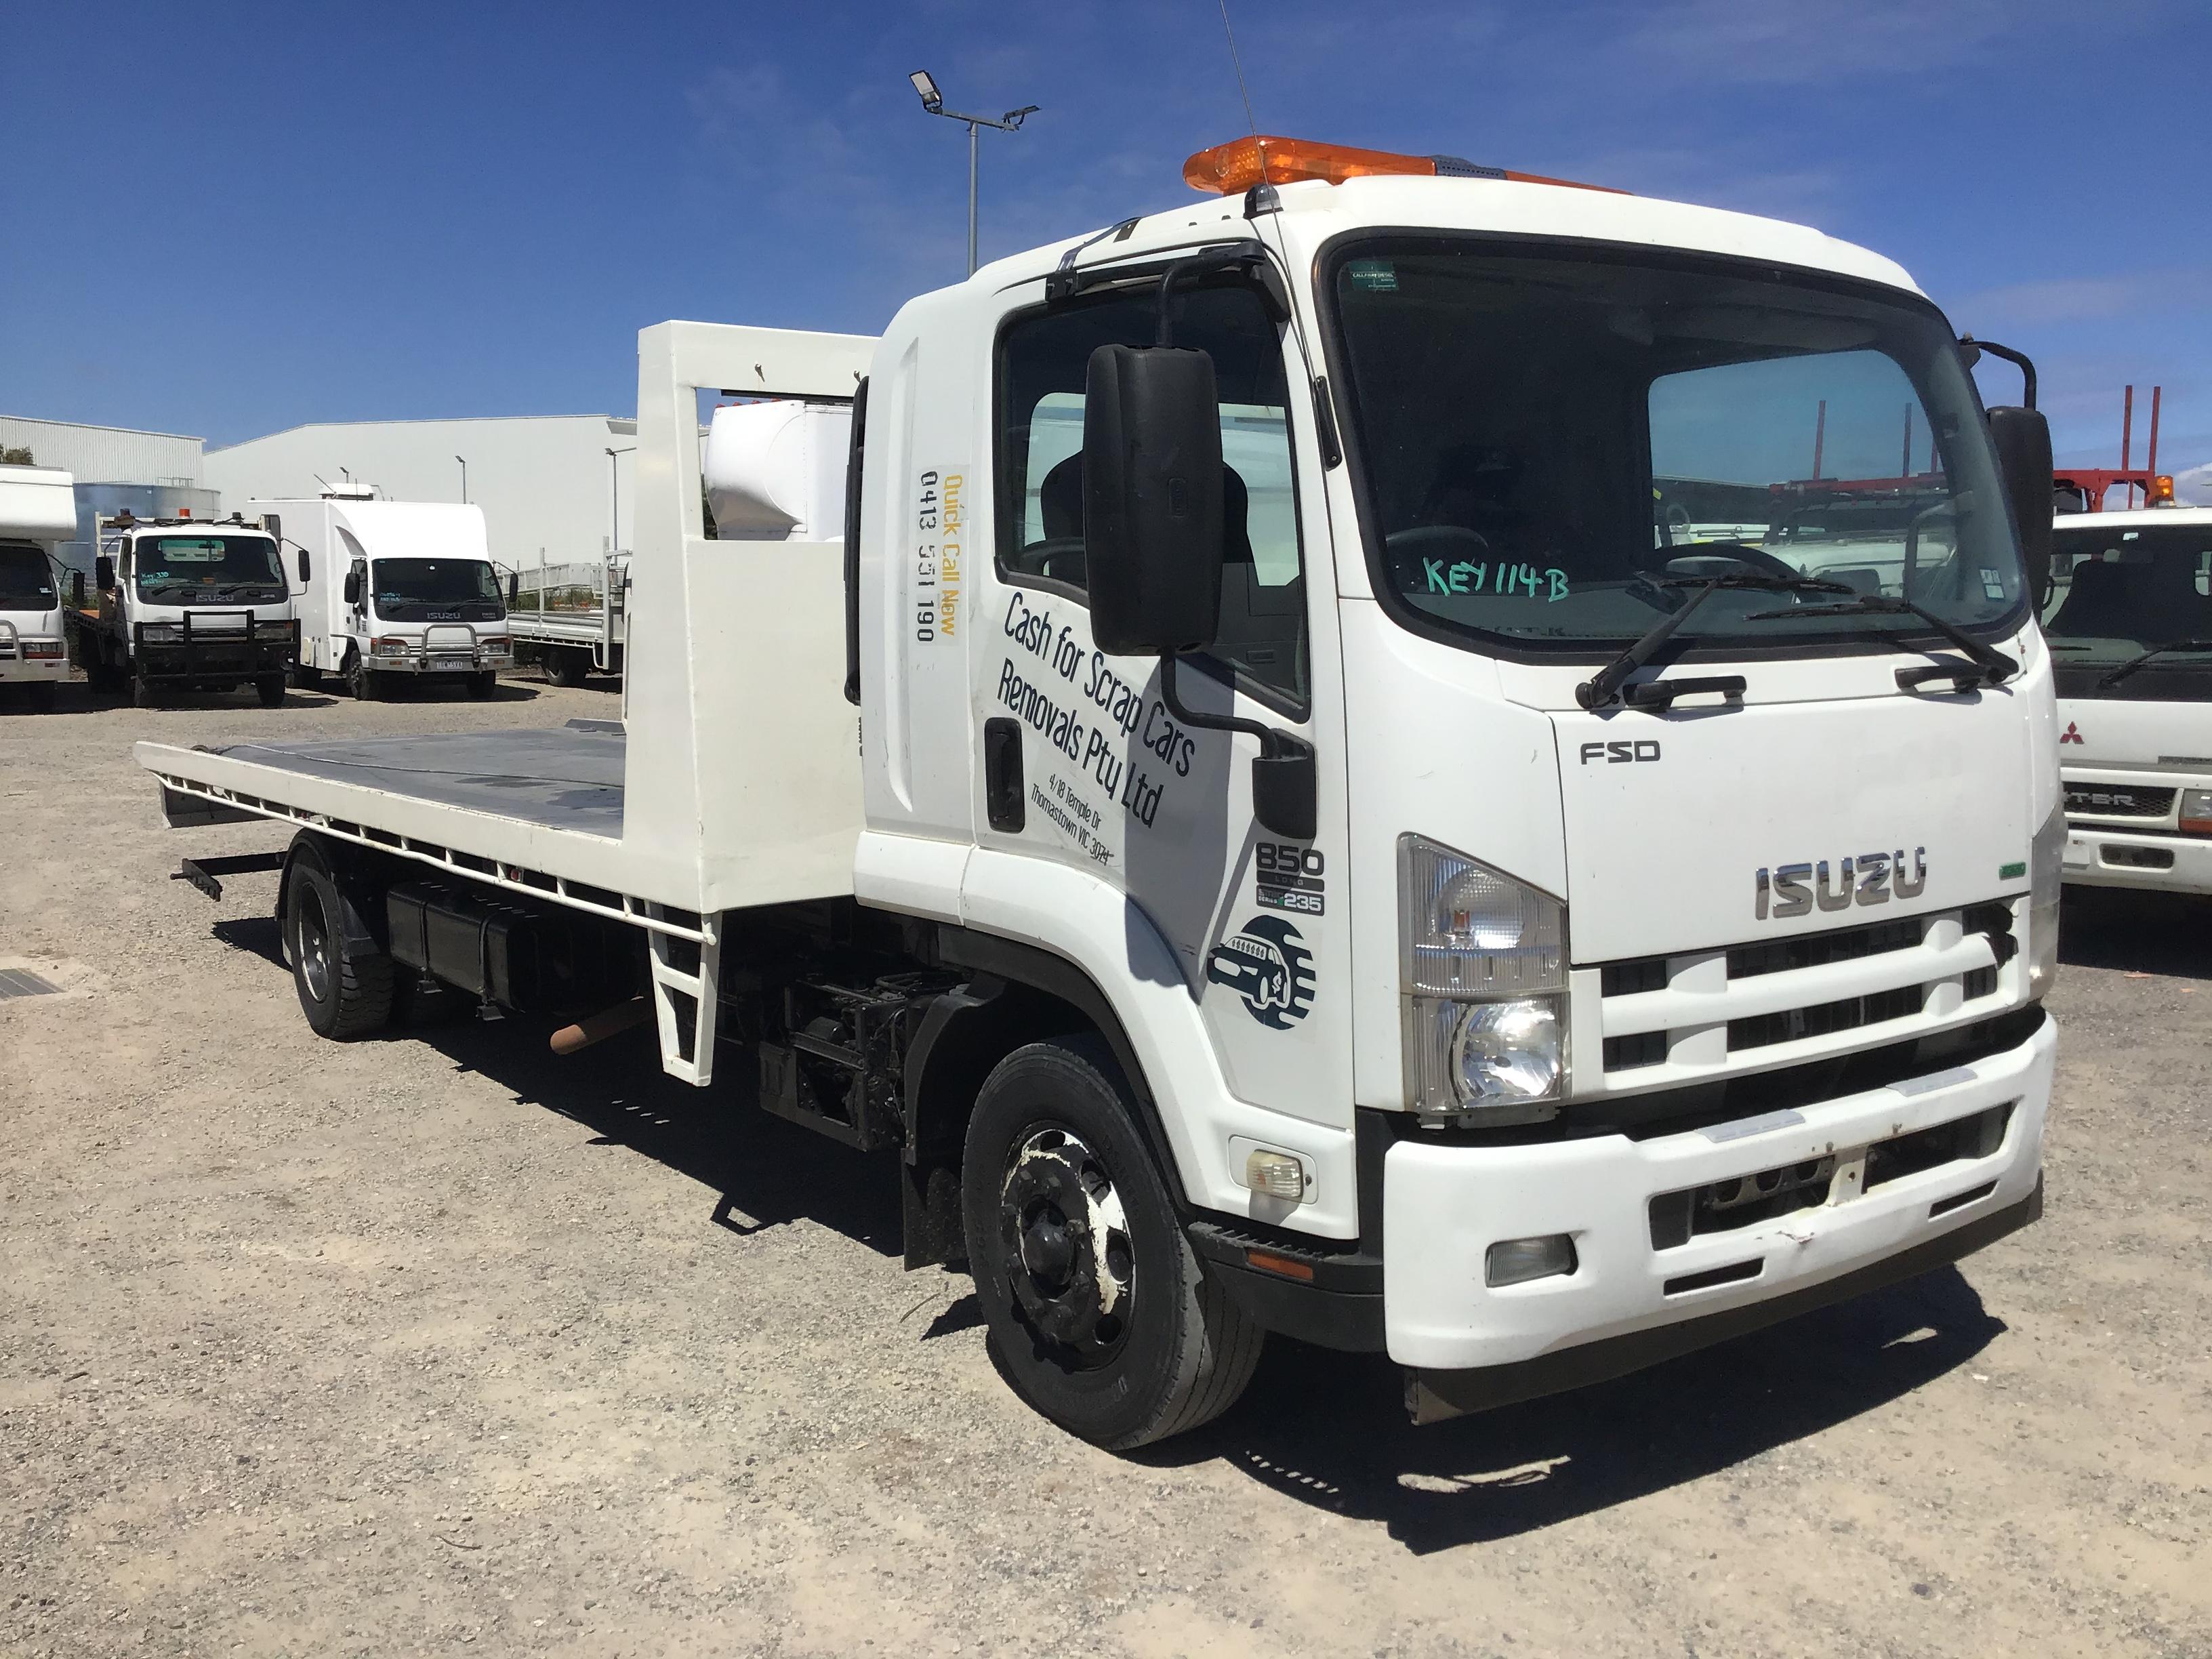 2012 Isuzu FSD 850 Long 4 x 2 Tilt Tray Truck